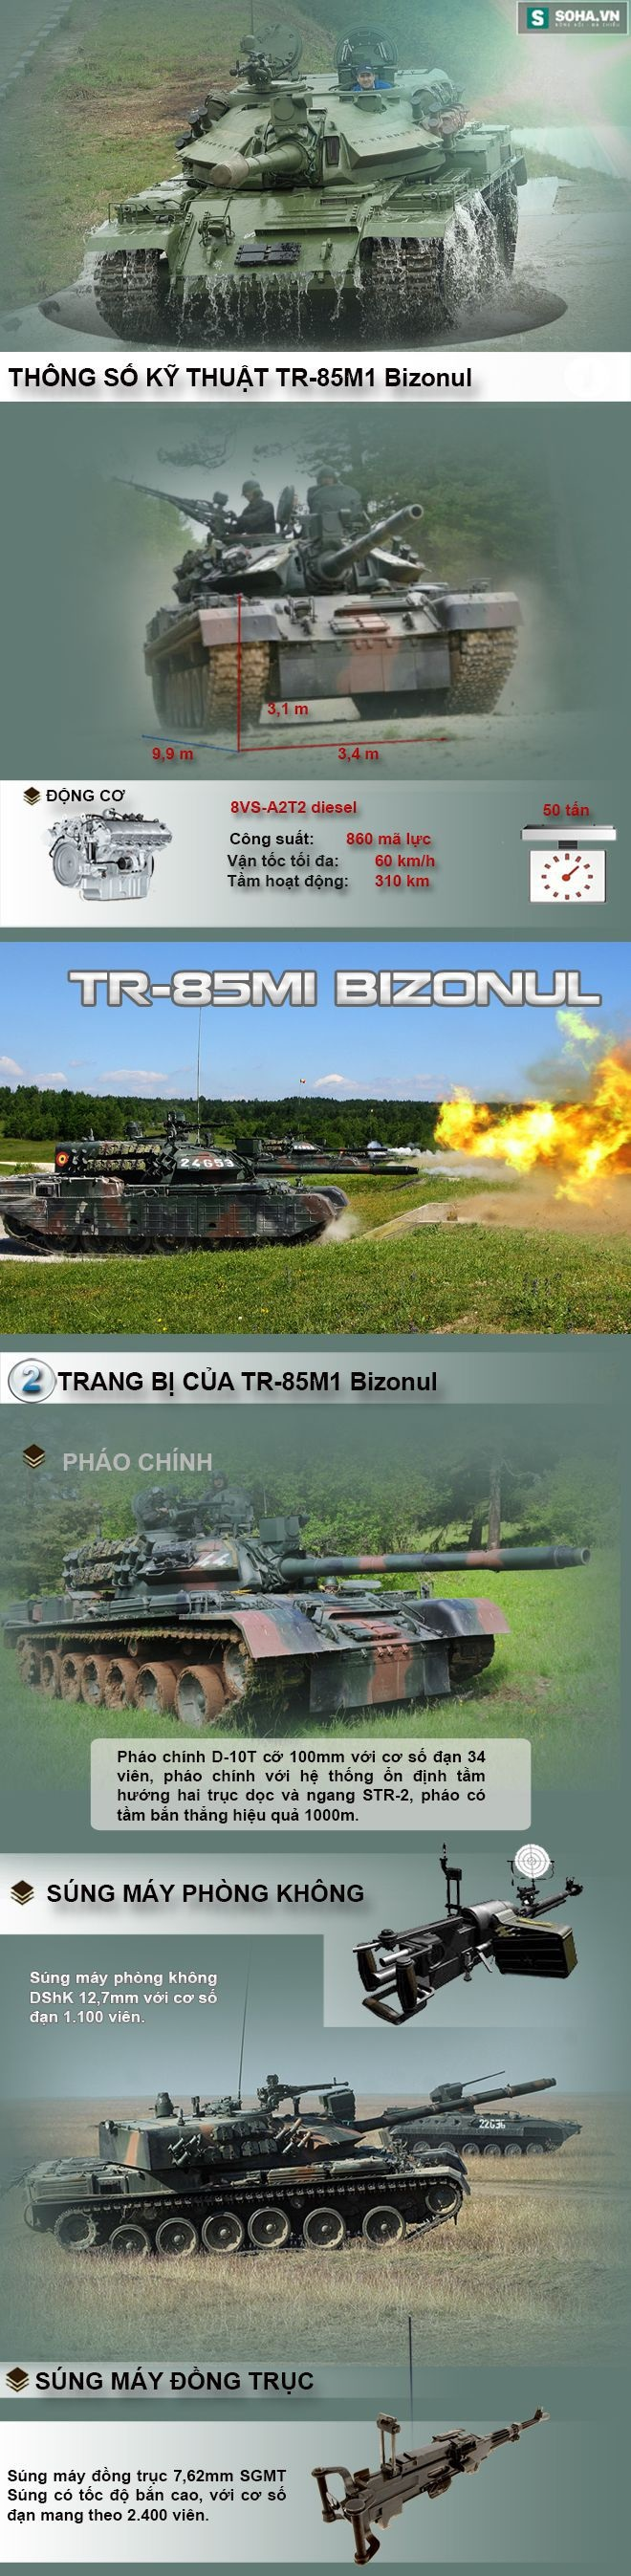 Bản nâng cấp cực mạnh của xe tăng T-55 đã từng đánh bại M1 Abrams - Ảnh 1.